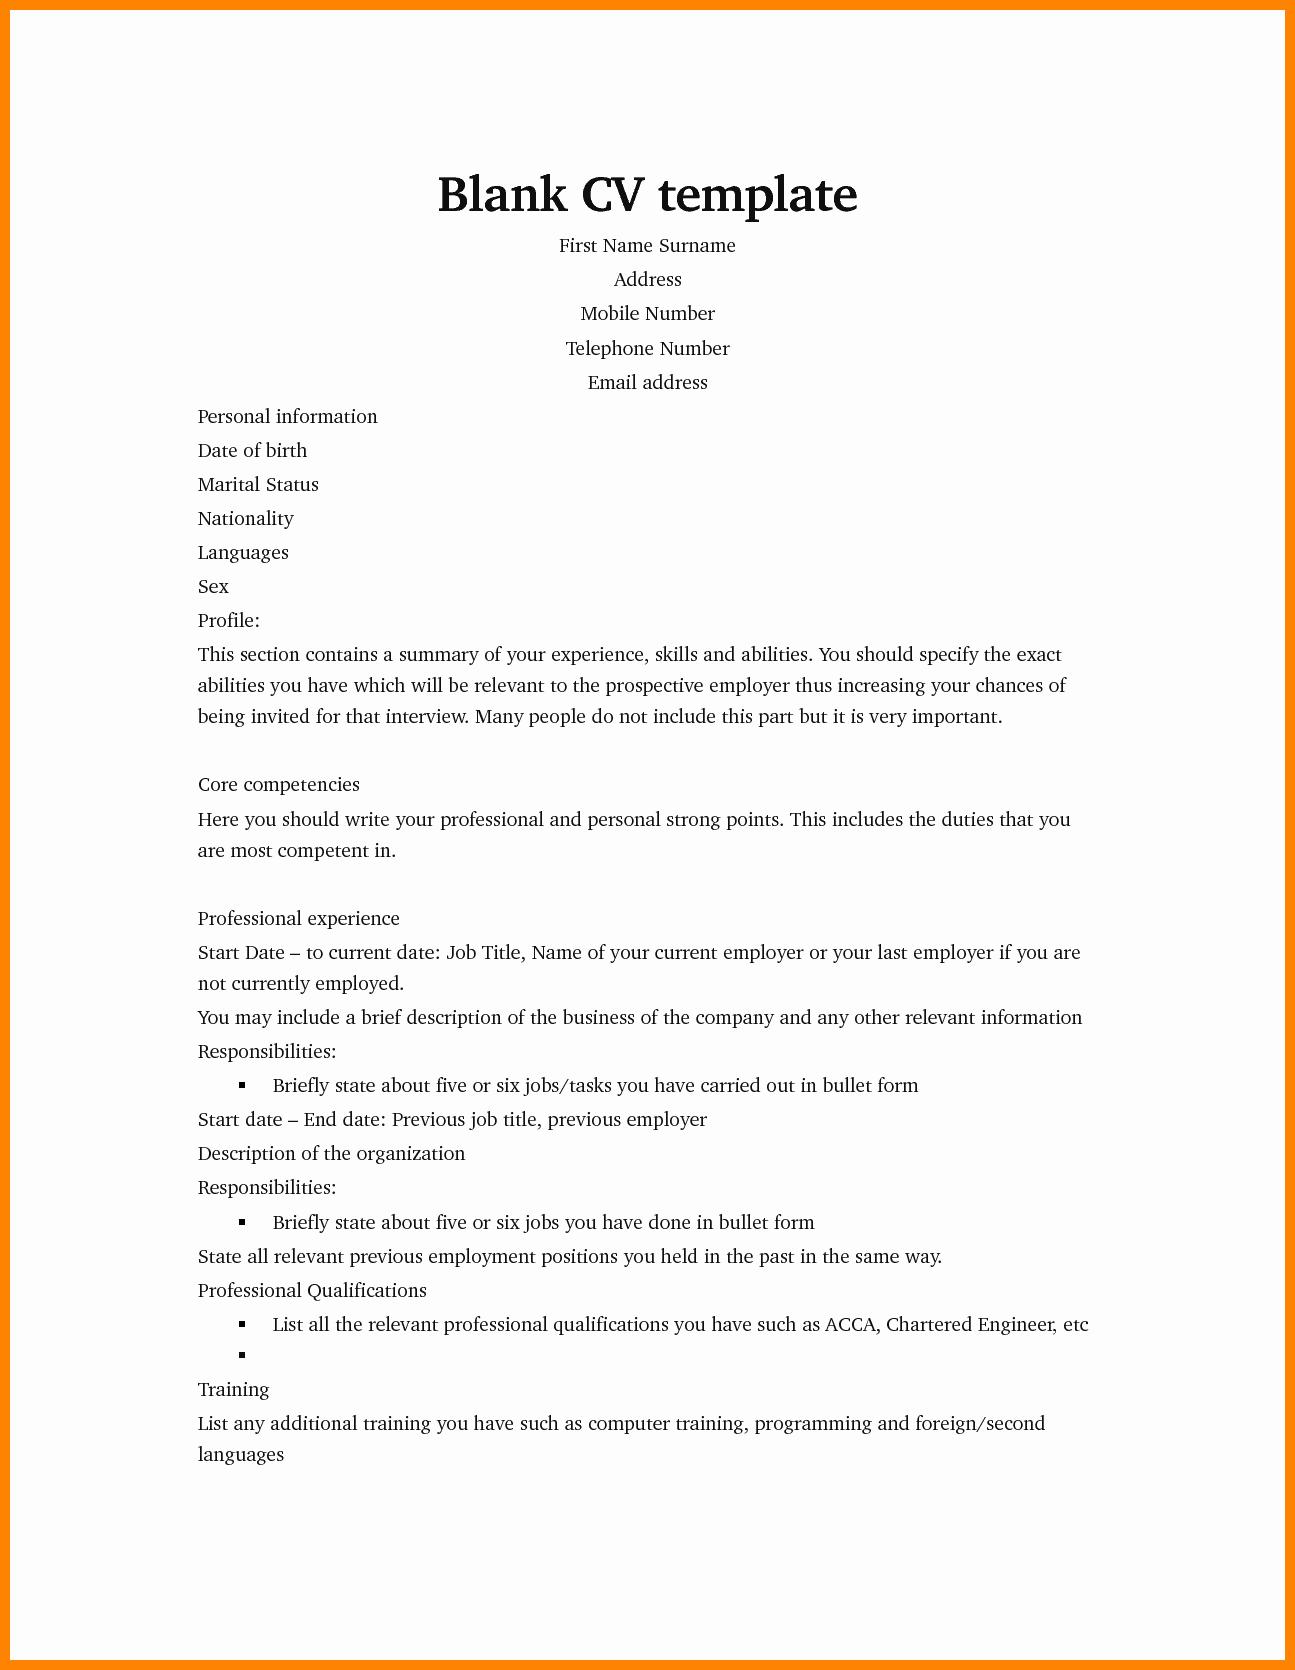 Curriculum Vitae Samples Unique 6 Curriculum Vitae Examples for Job